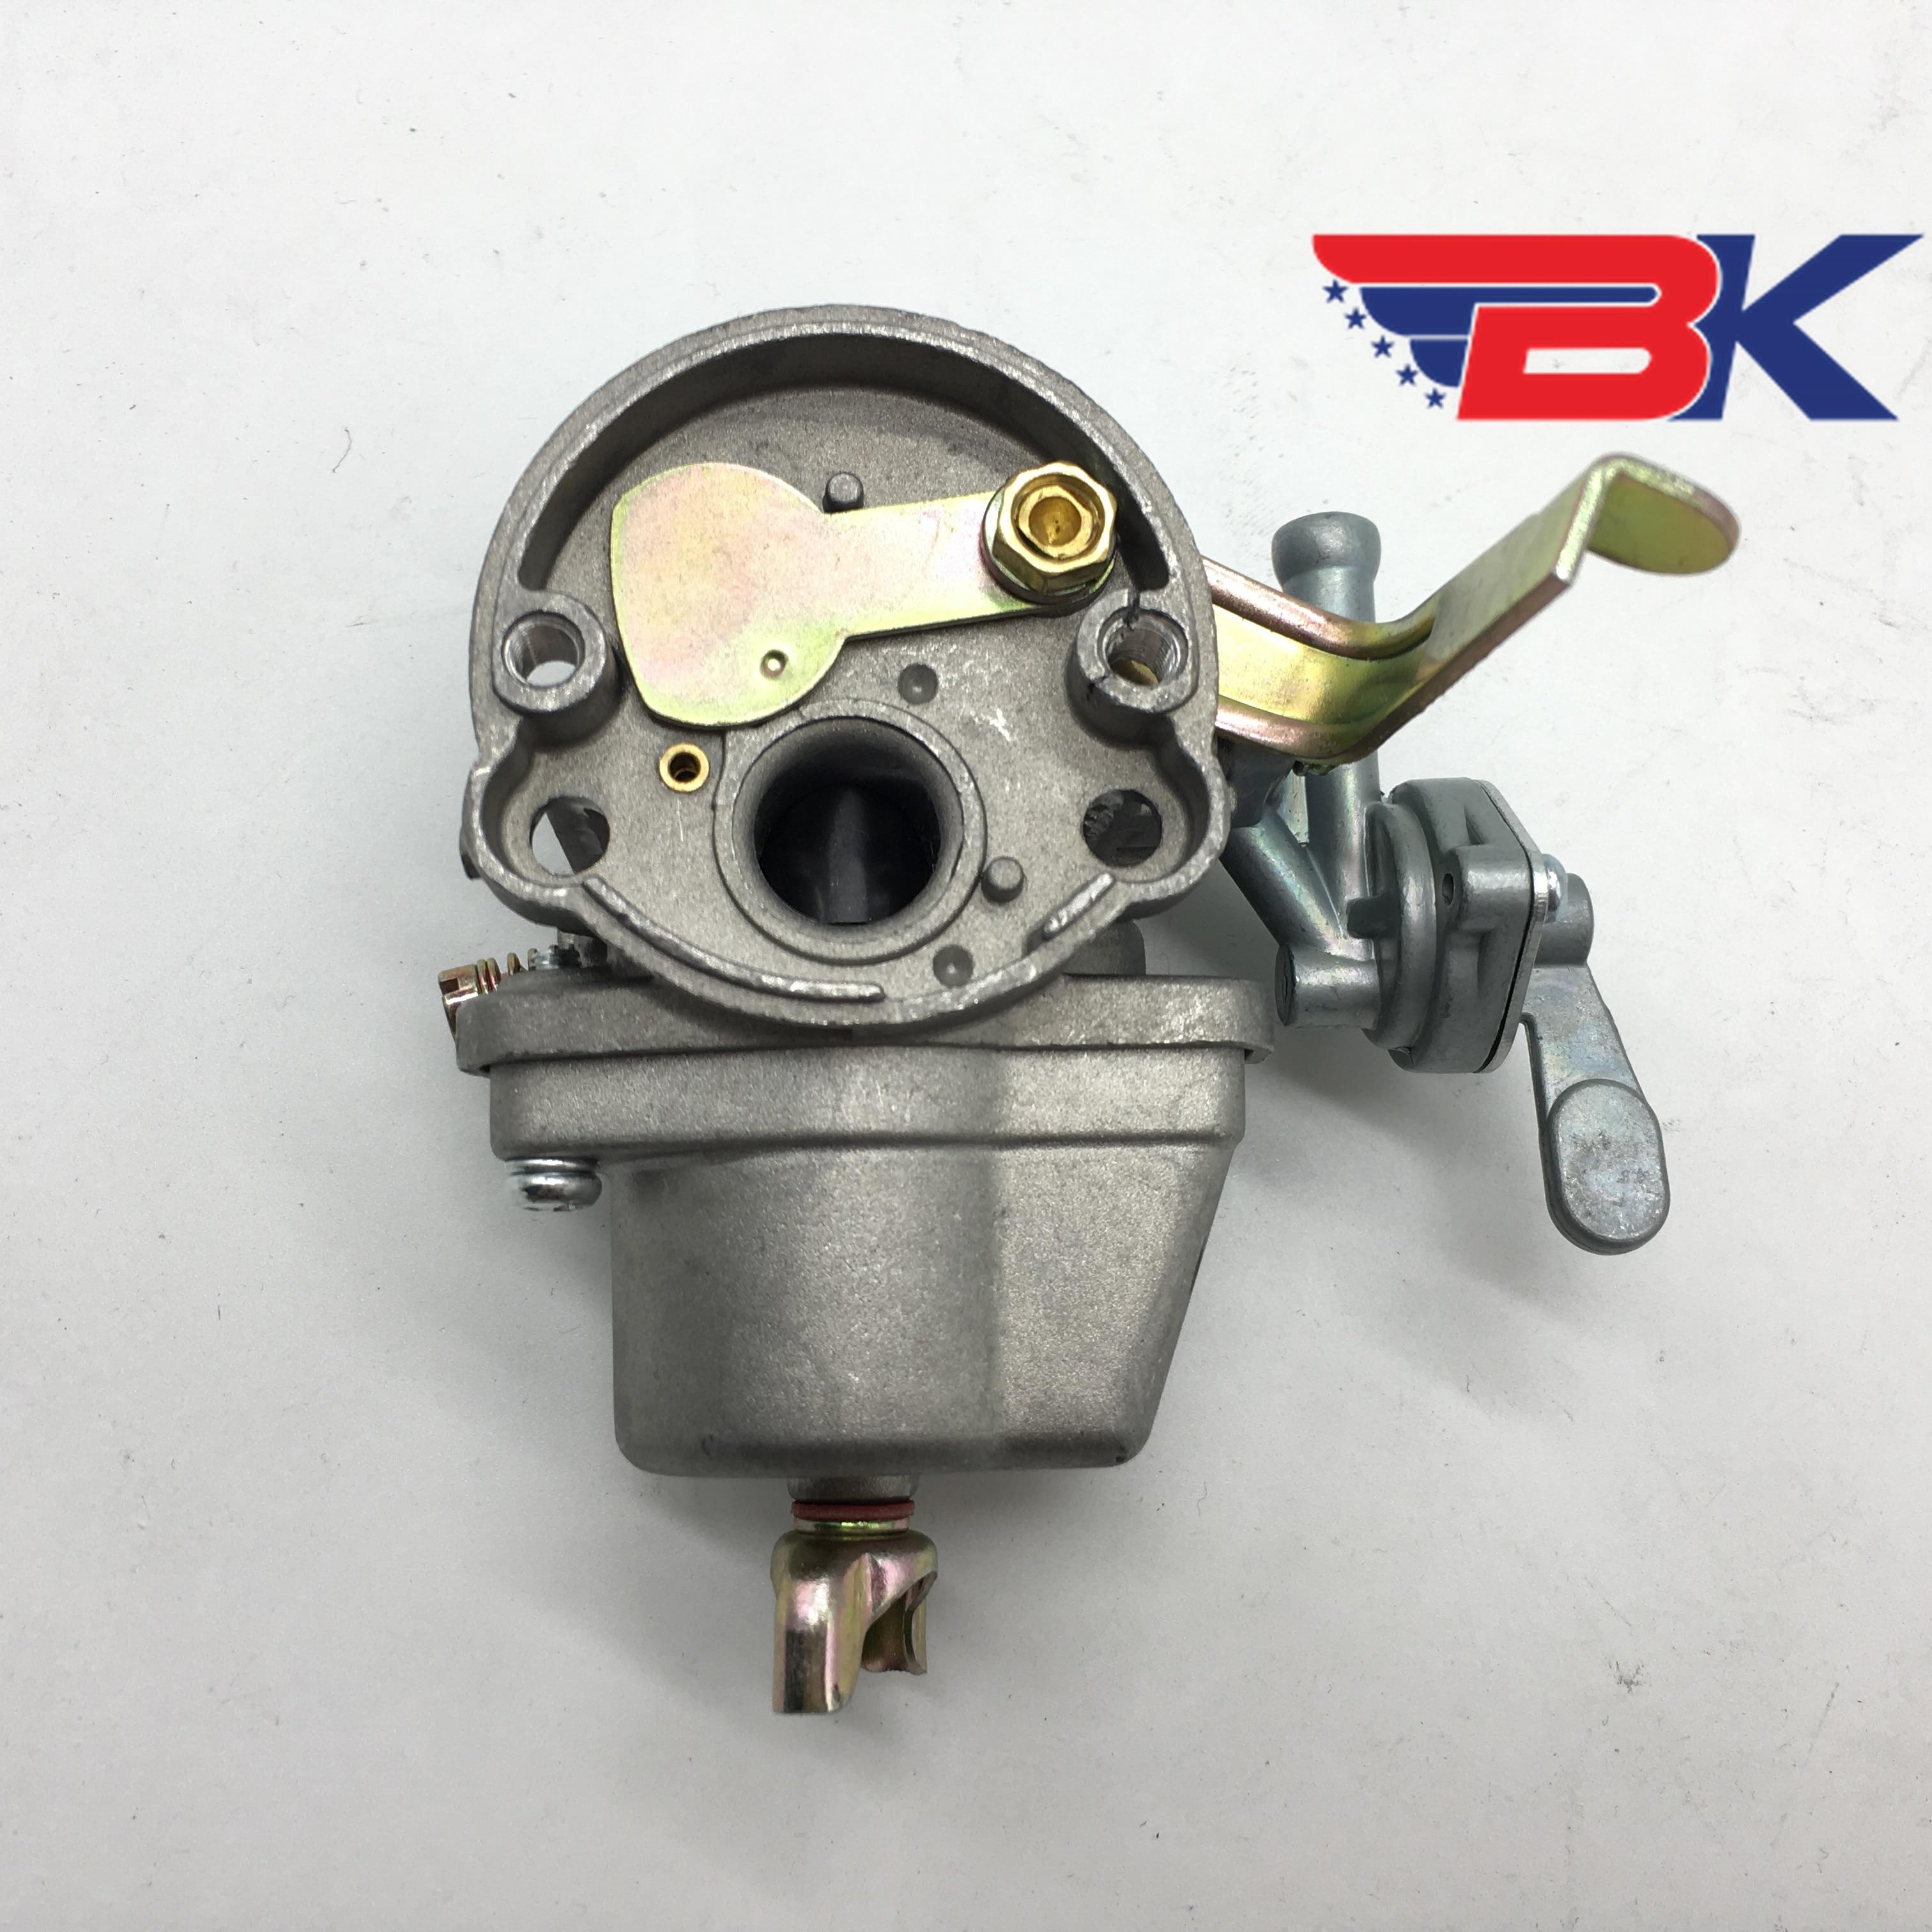 Piezas de carburador para Subaru Robin NB411 Motor motosierra desbrozadora cortadora de césped